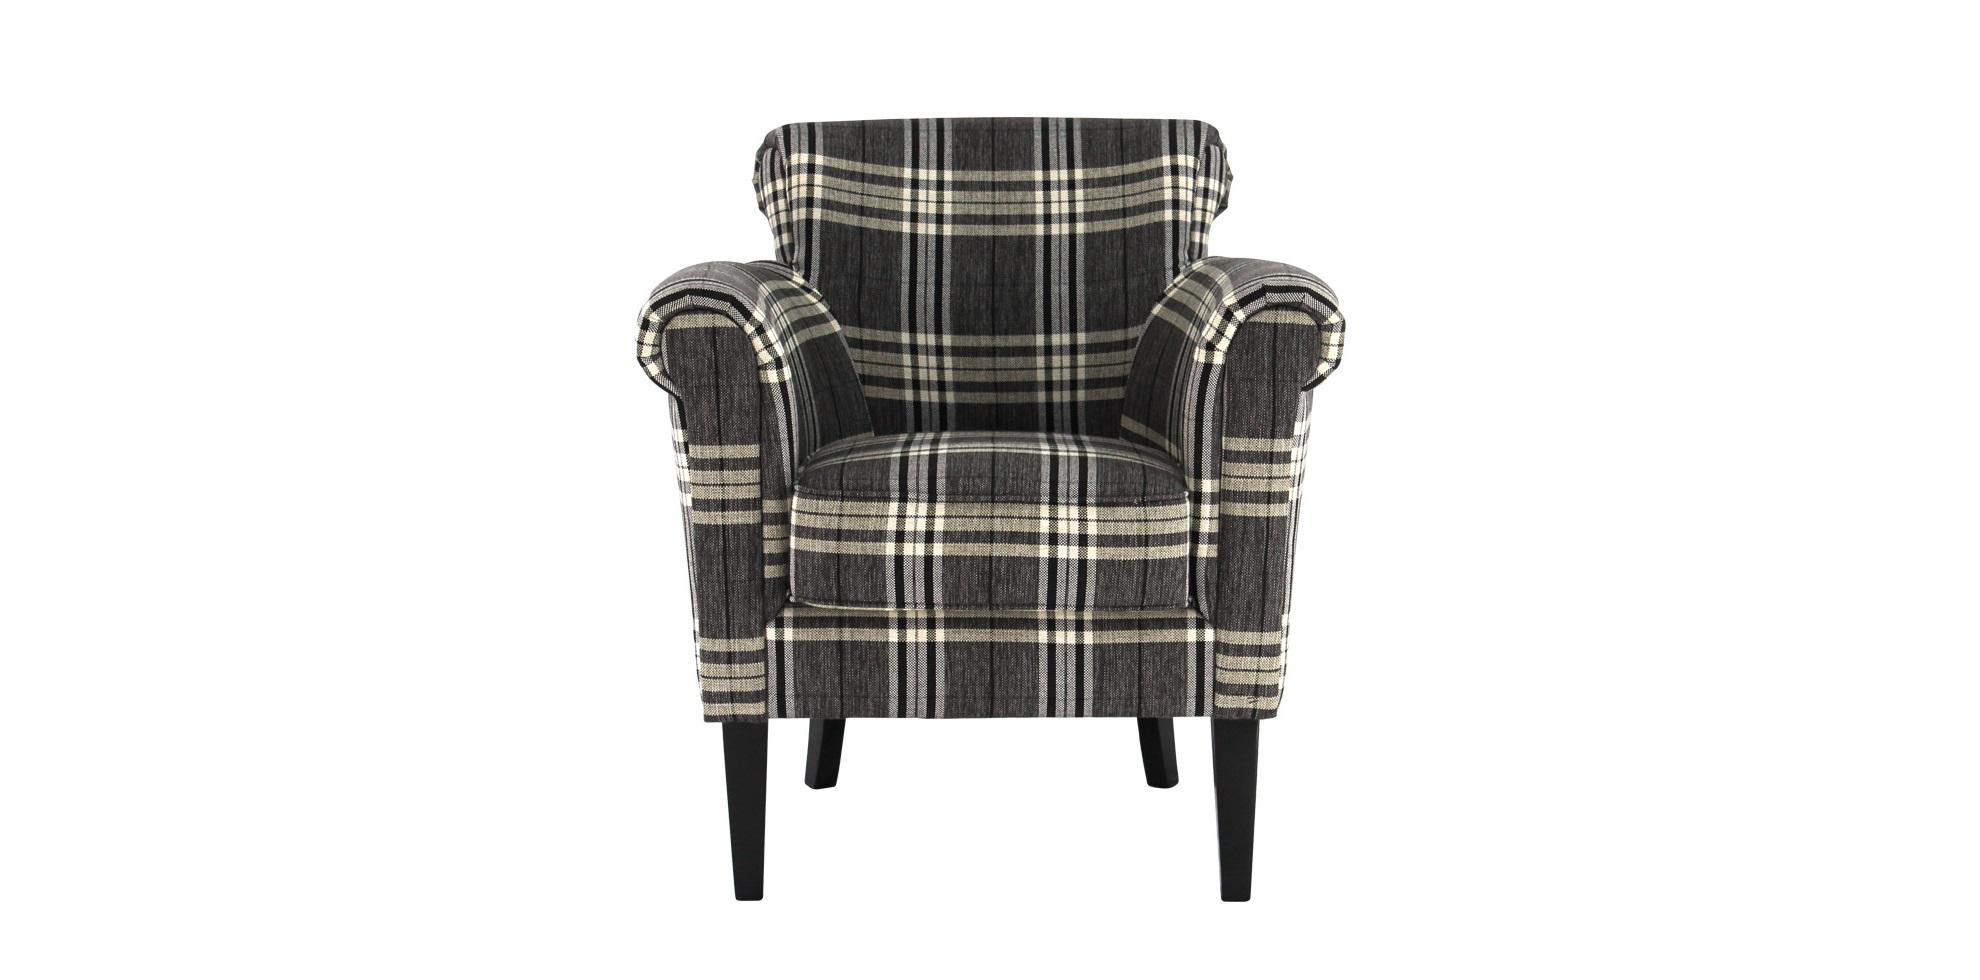 Кресло Lamis ArmchairИнтерьерные кресла<br>Полосатое уютное кресло подобно клетчатому шарфу согреет в своих объятиях. Нейтральная спокойная шотландка очень точно подходит к силуэту &amp;quot;Lamis Armchair&amp;quot;. Поистине лондонское кресло, немного консервативное, но такое семейное. Идеальная компания для него — небольшая подушка и плед. Можно погрузиться в небытие и вздремнуть.<br><br>Material: Текстиль<br>Width см: 77<br>Depth см: 79<br>Height см: 81